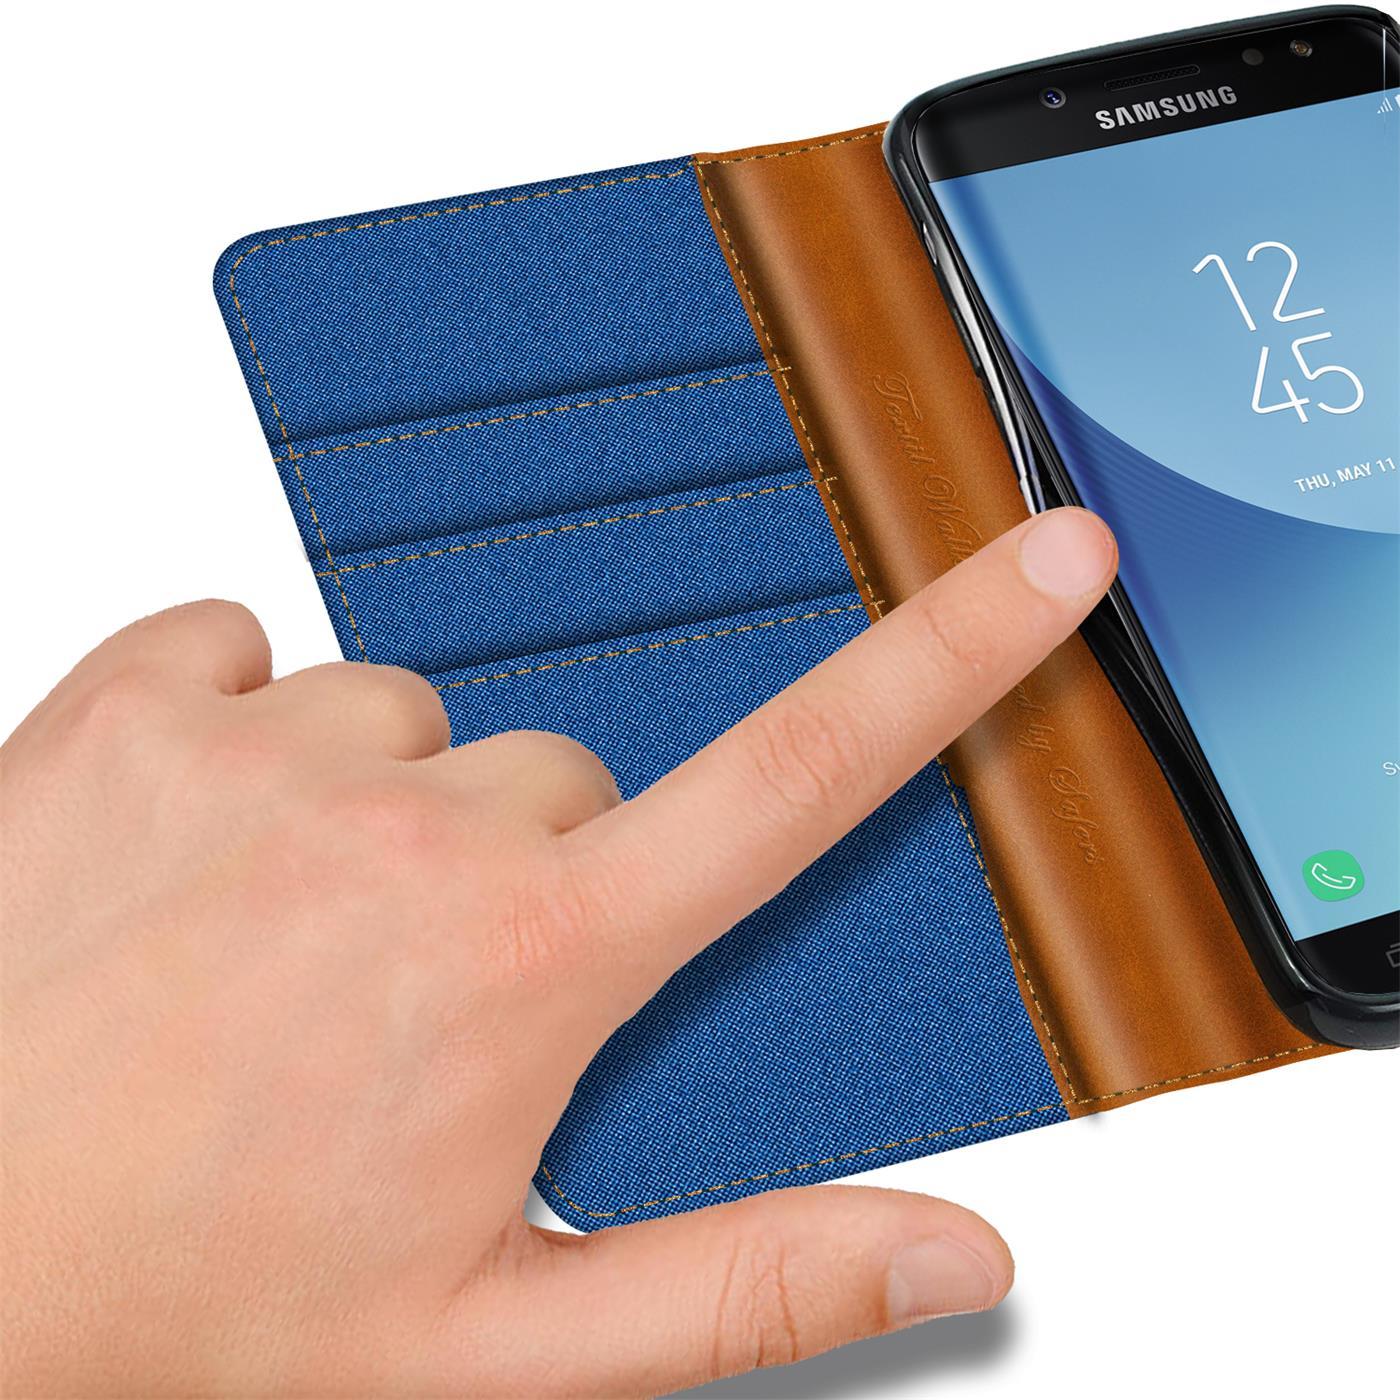 Indexbild 16 - Handy Hülle für Samsung Galaxy J3 2017 Tasche Etui Flip Case Schutz Hülle Cover